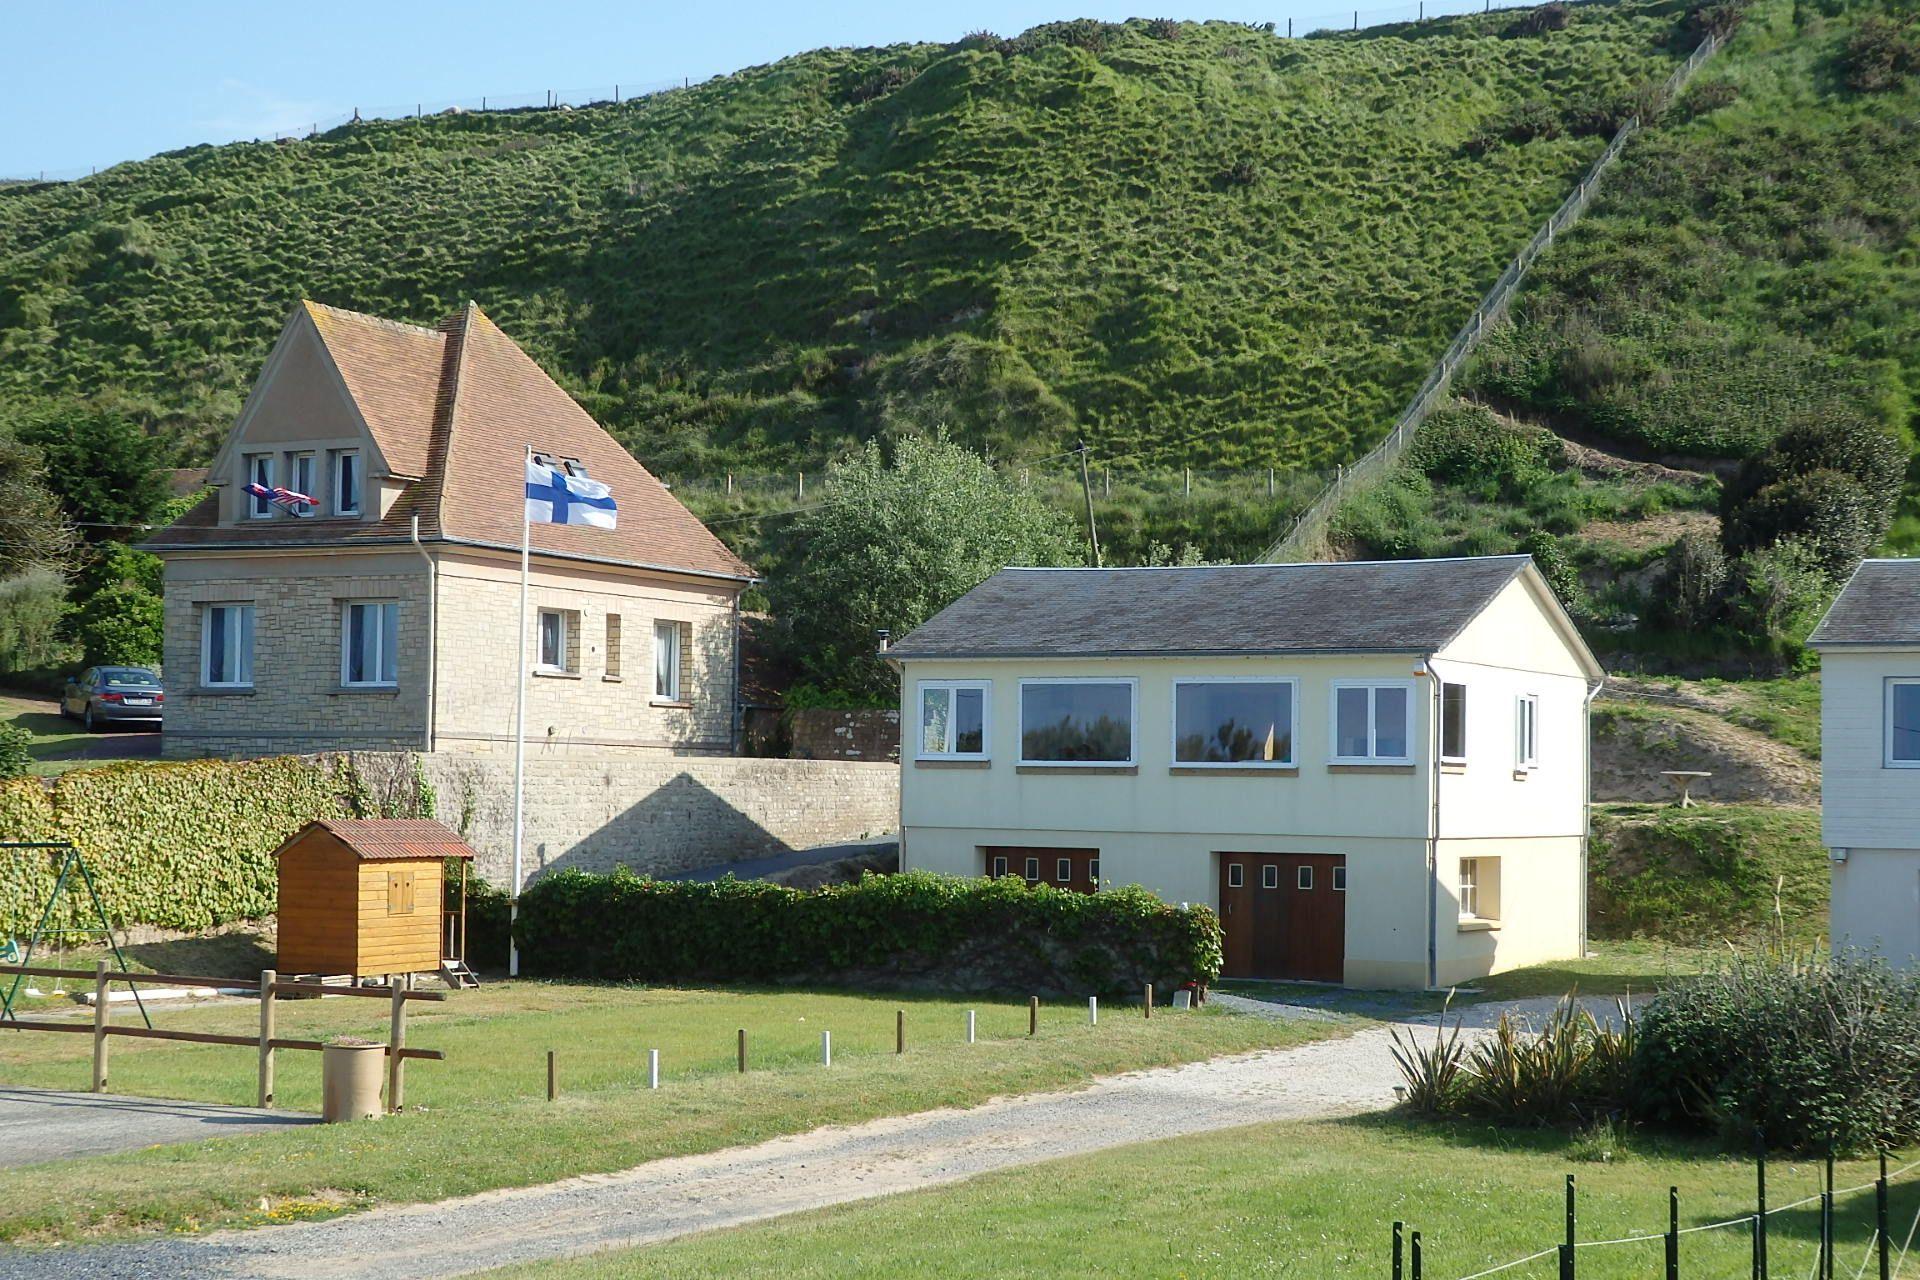 Wohnhaus oder Feriendomizil?